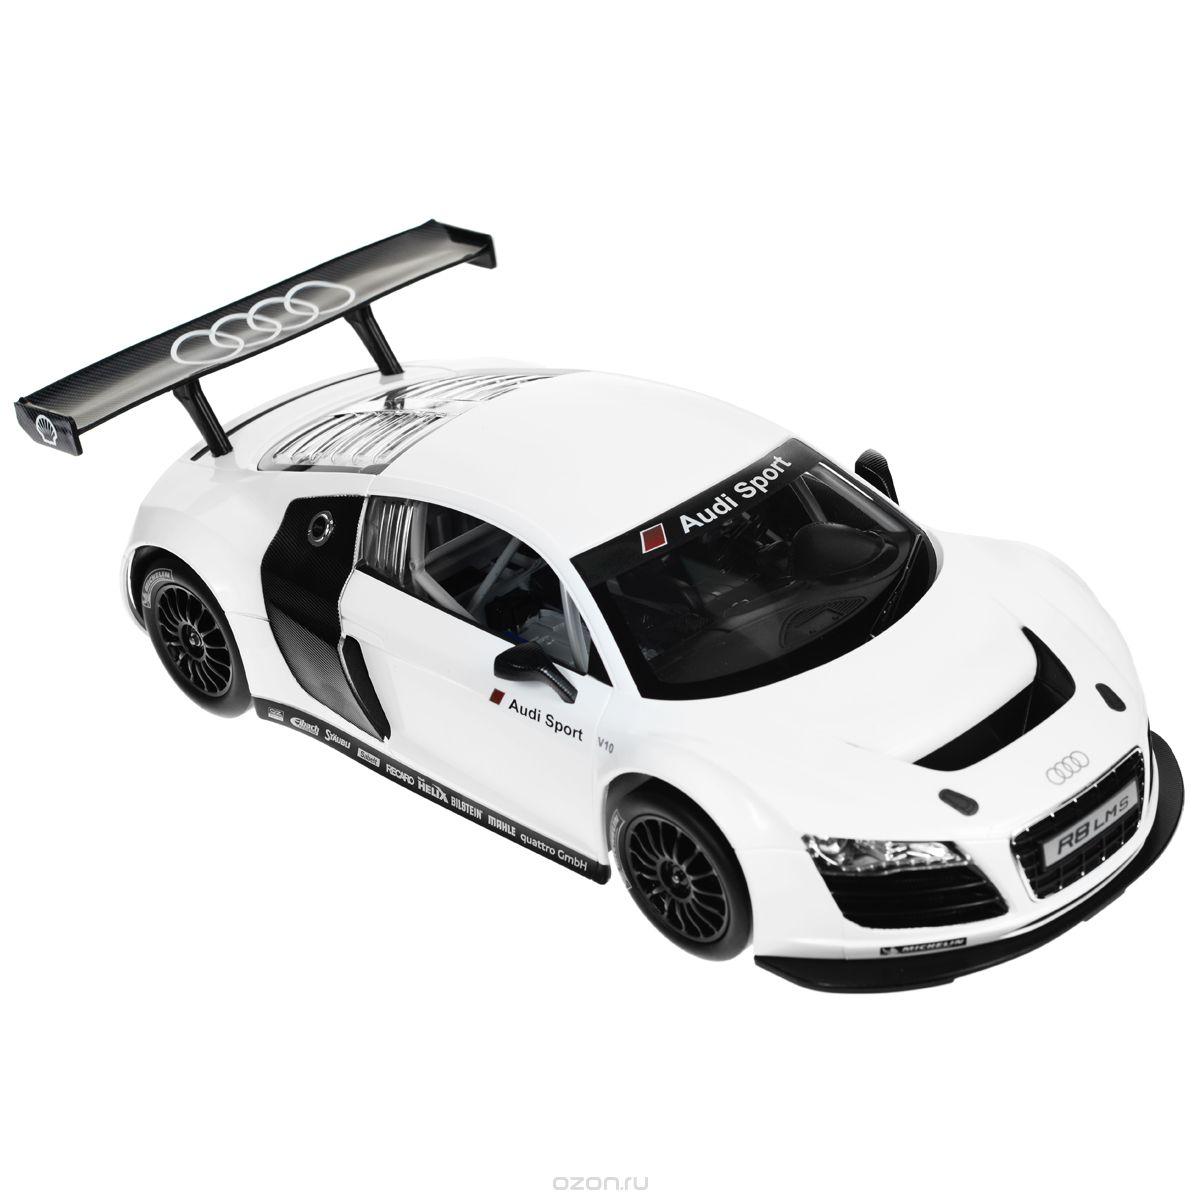 Rastar Радиоуправляемая модель Audi R8 LMS цвет белый масштаб 1:1447500Радиоуправляемая модель Audi R8 LMS со световыми эффектами, являющаяся точной копией настоящего автомобиля, - отличный подарок не только ребенку, но и взрослому. Автомобиль с литым корпусом изготовлен из современных прочных материалов и обладает высокой стабильностью движения, что позволяет полностью контролировать его процесс, управляя без суеты и страха сломать игрушку. Основные направления движения автомобиля: вперед-назад-влево-вправо. Движение вперед и назад сопровождается сигнальными световыми эффектами фар. В комплект входят автомобиль, пульт управления и инструкция на русском языке. Автомобиль работает от 5 батарей типа АА, пульт управления - от 1 батареи 9V 6F22 (не входят в комплект).